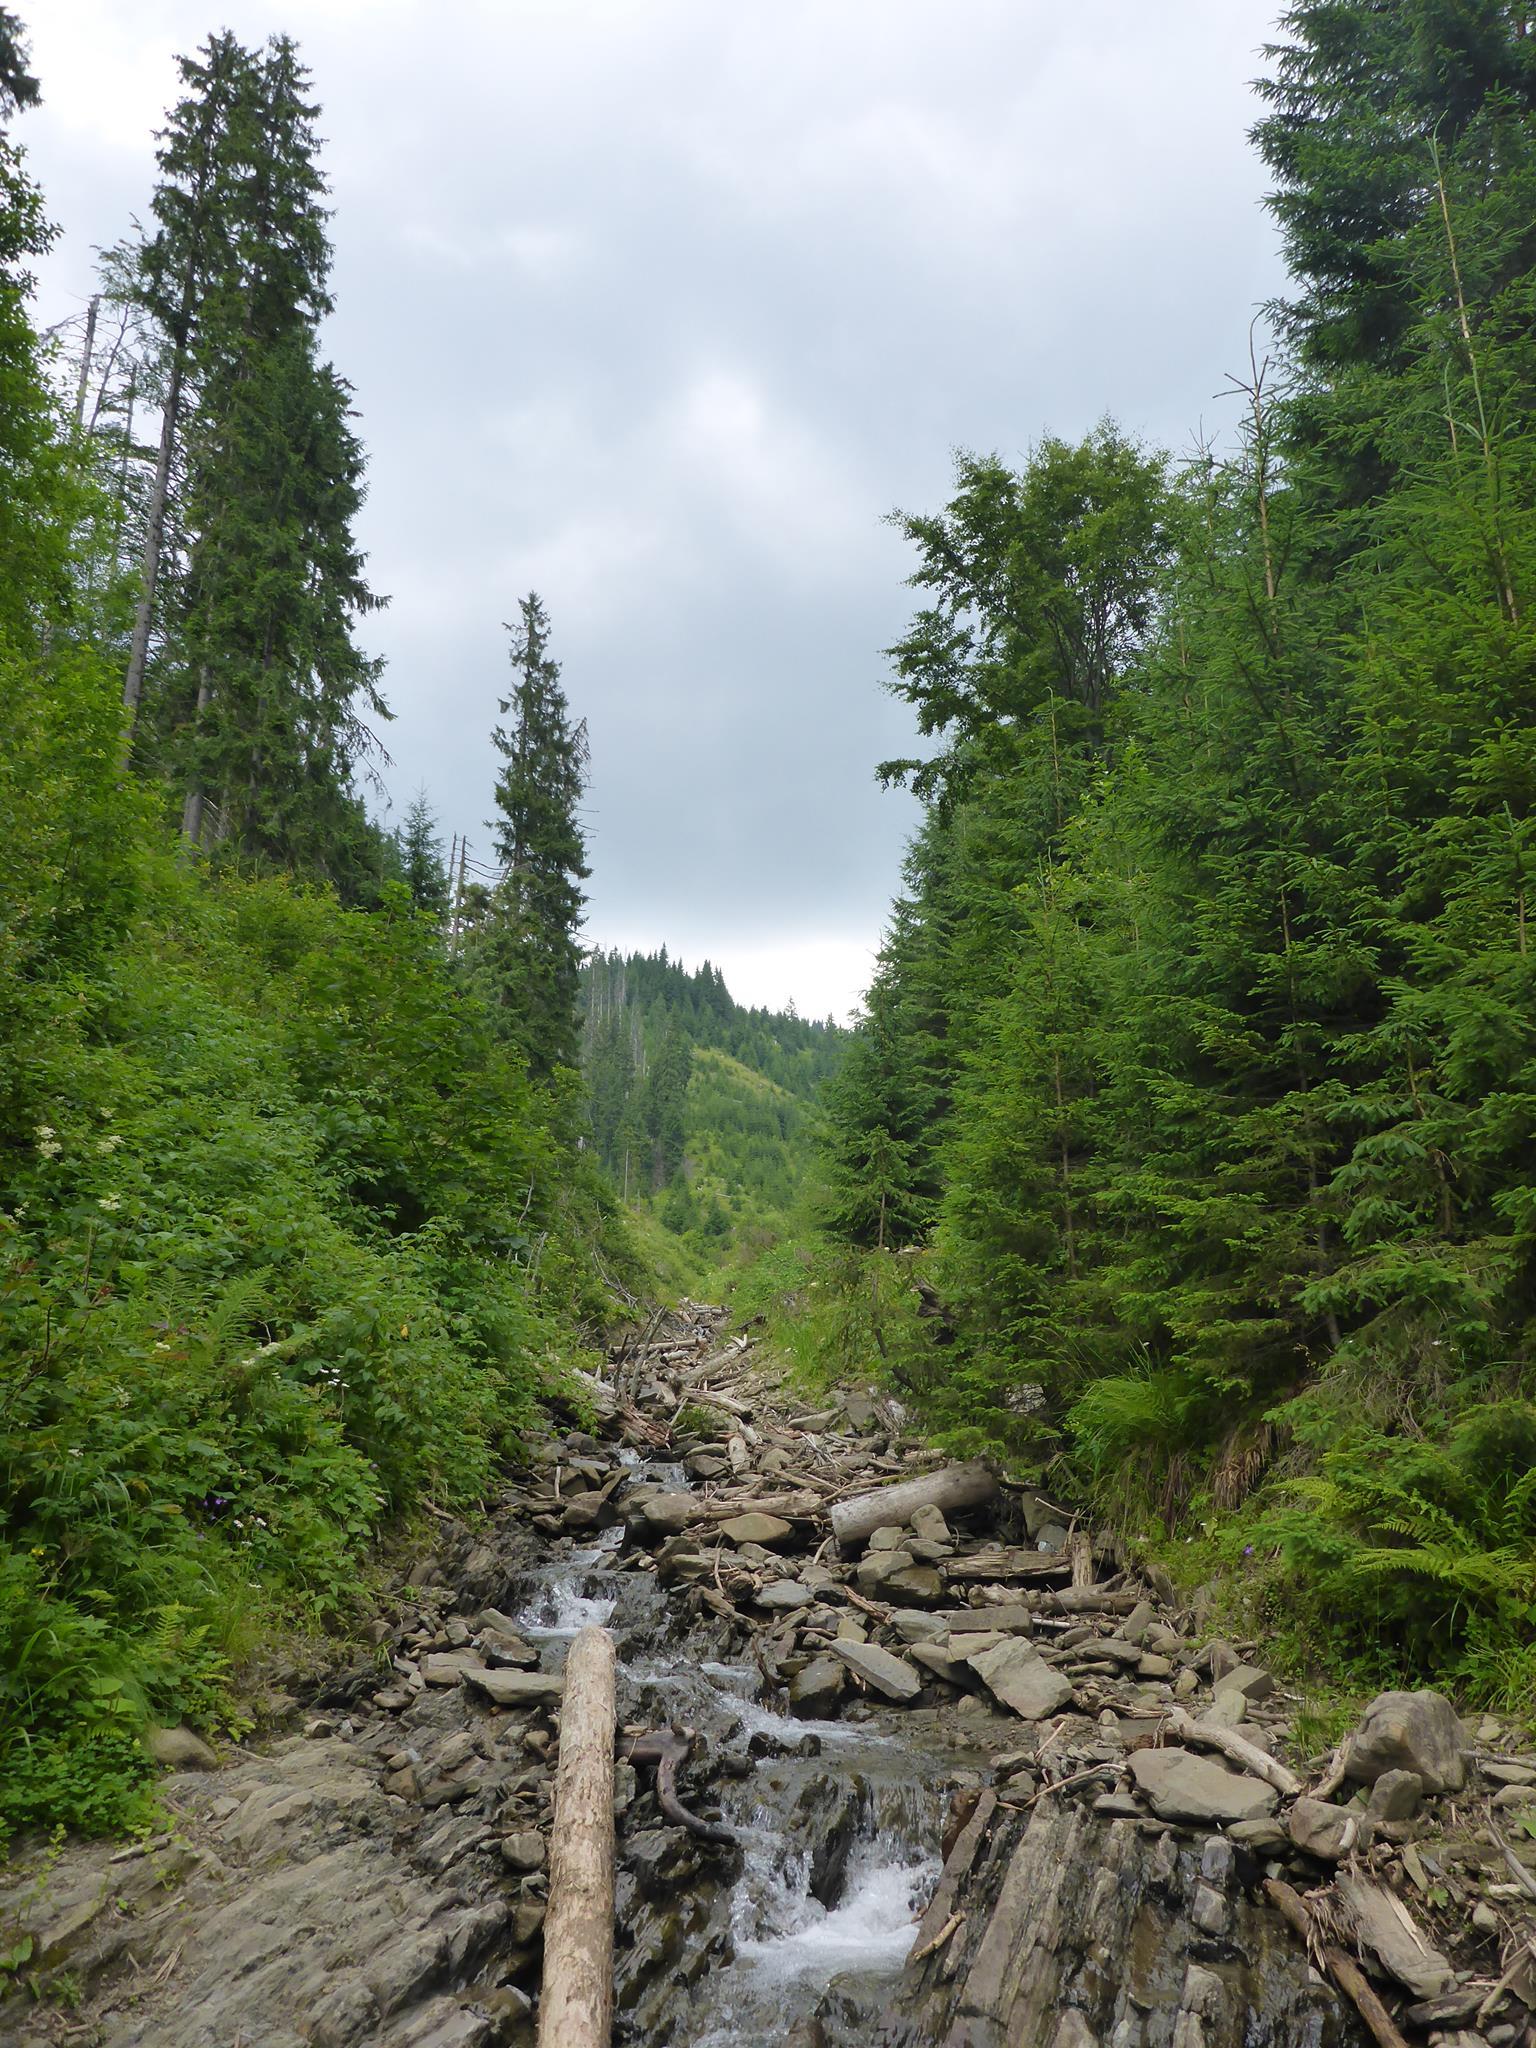 Beaucoup de militaires patrouillent sur la frontière de la Roumanie; j'arrive à me faufiler discrètement puis descend la montagne le plus vite possible jusqu'à arriver à ce petit ruisseau qui me dissimulera pendant une heure